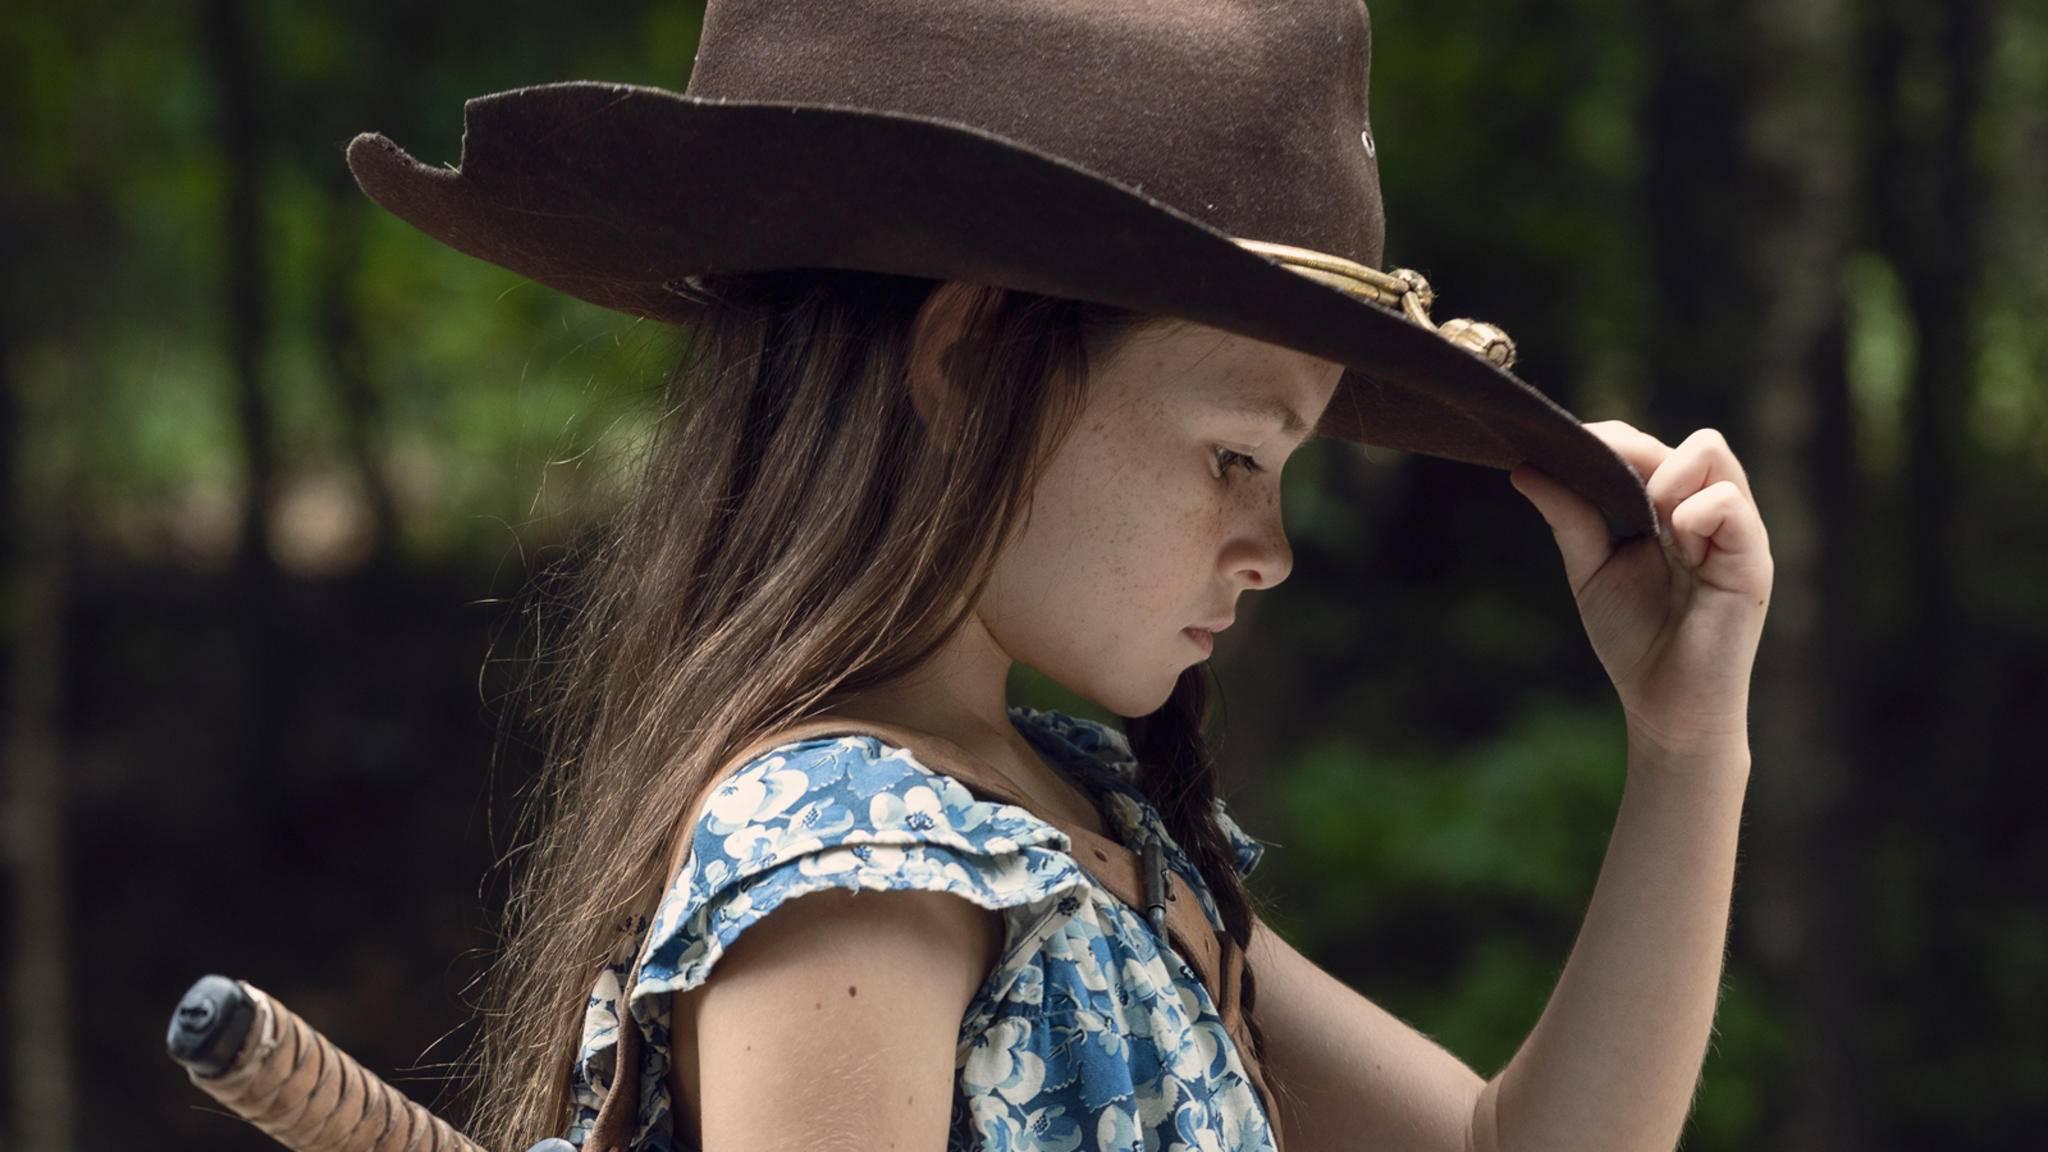 Bald könnte Judith auch die letzte Bezugsperson genommen werden.